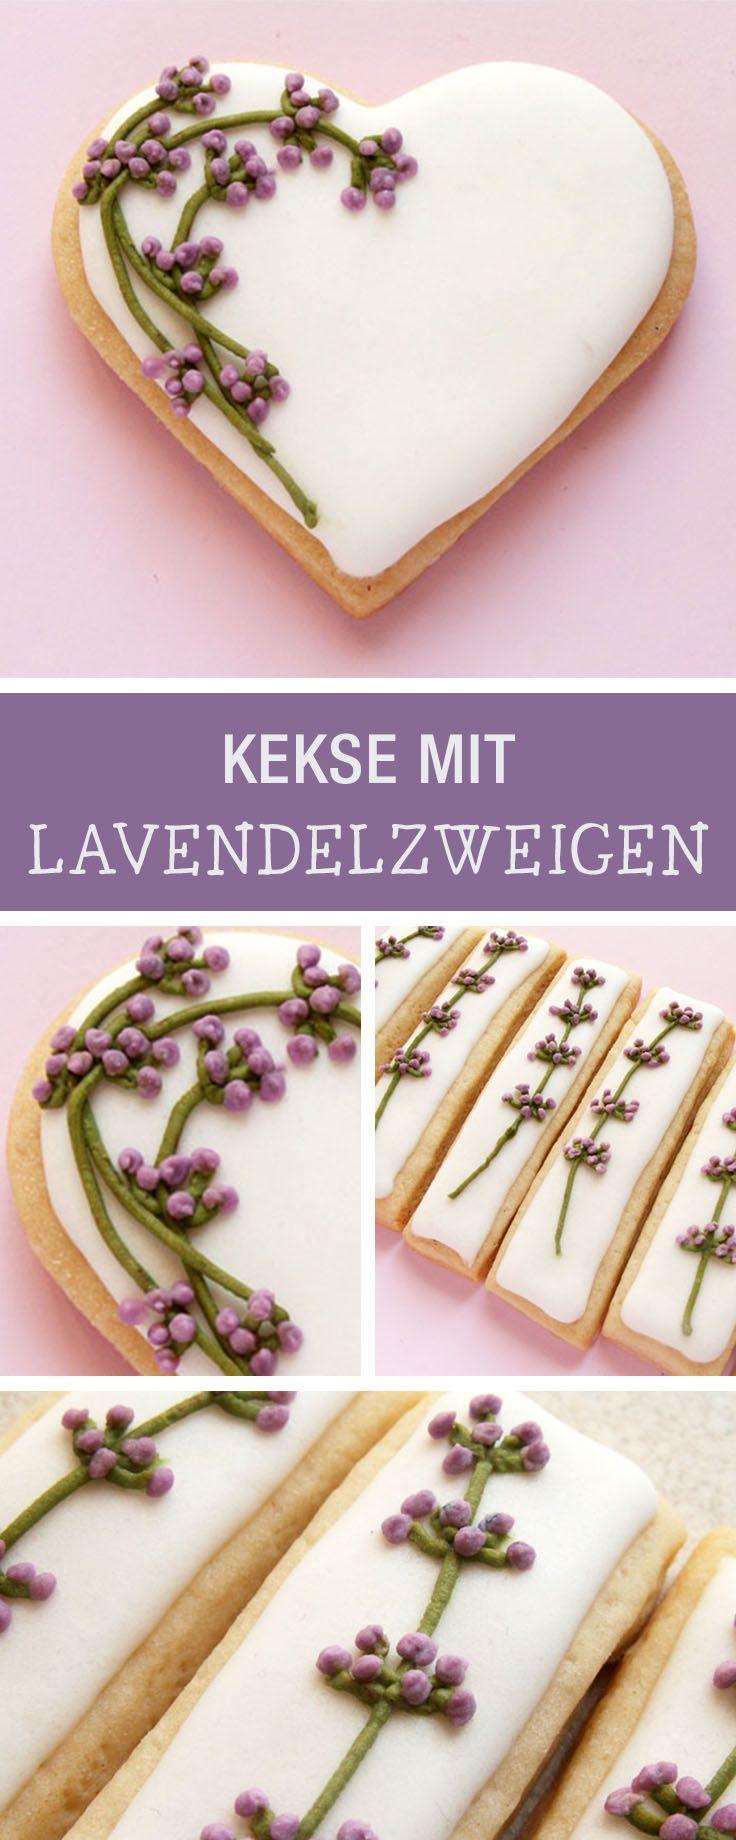 Rezept für Kekse mit Lavendel-Dekor / decorate your cookies with lavender branches via DaWanda.com